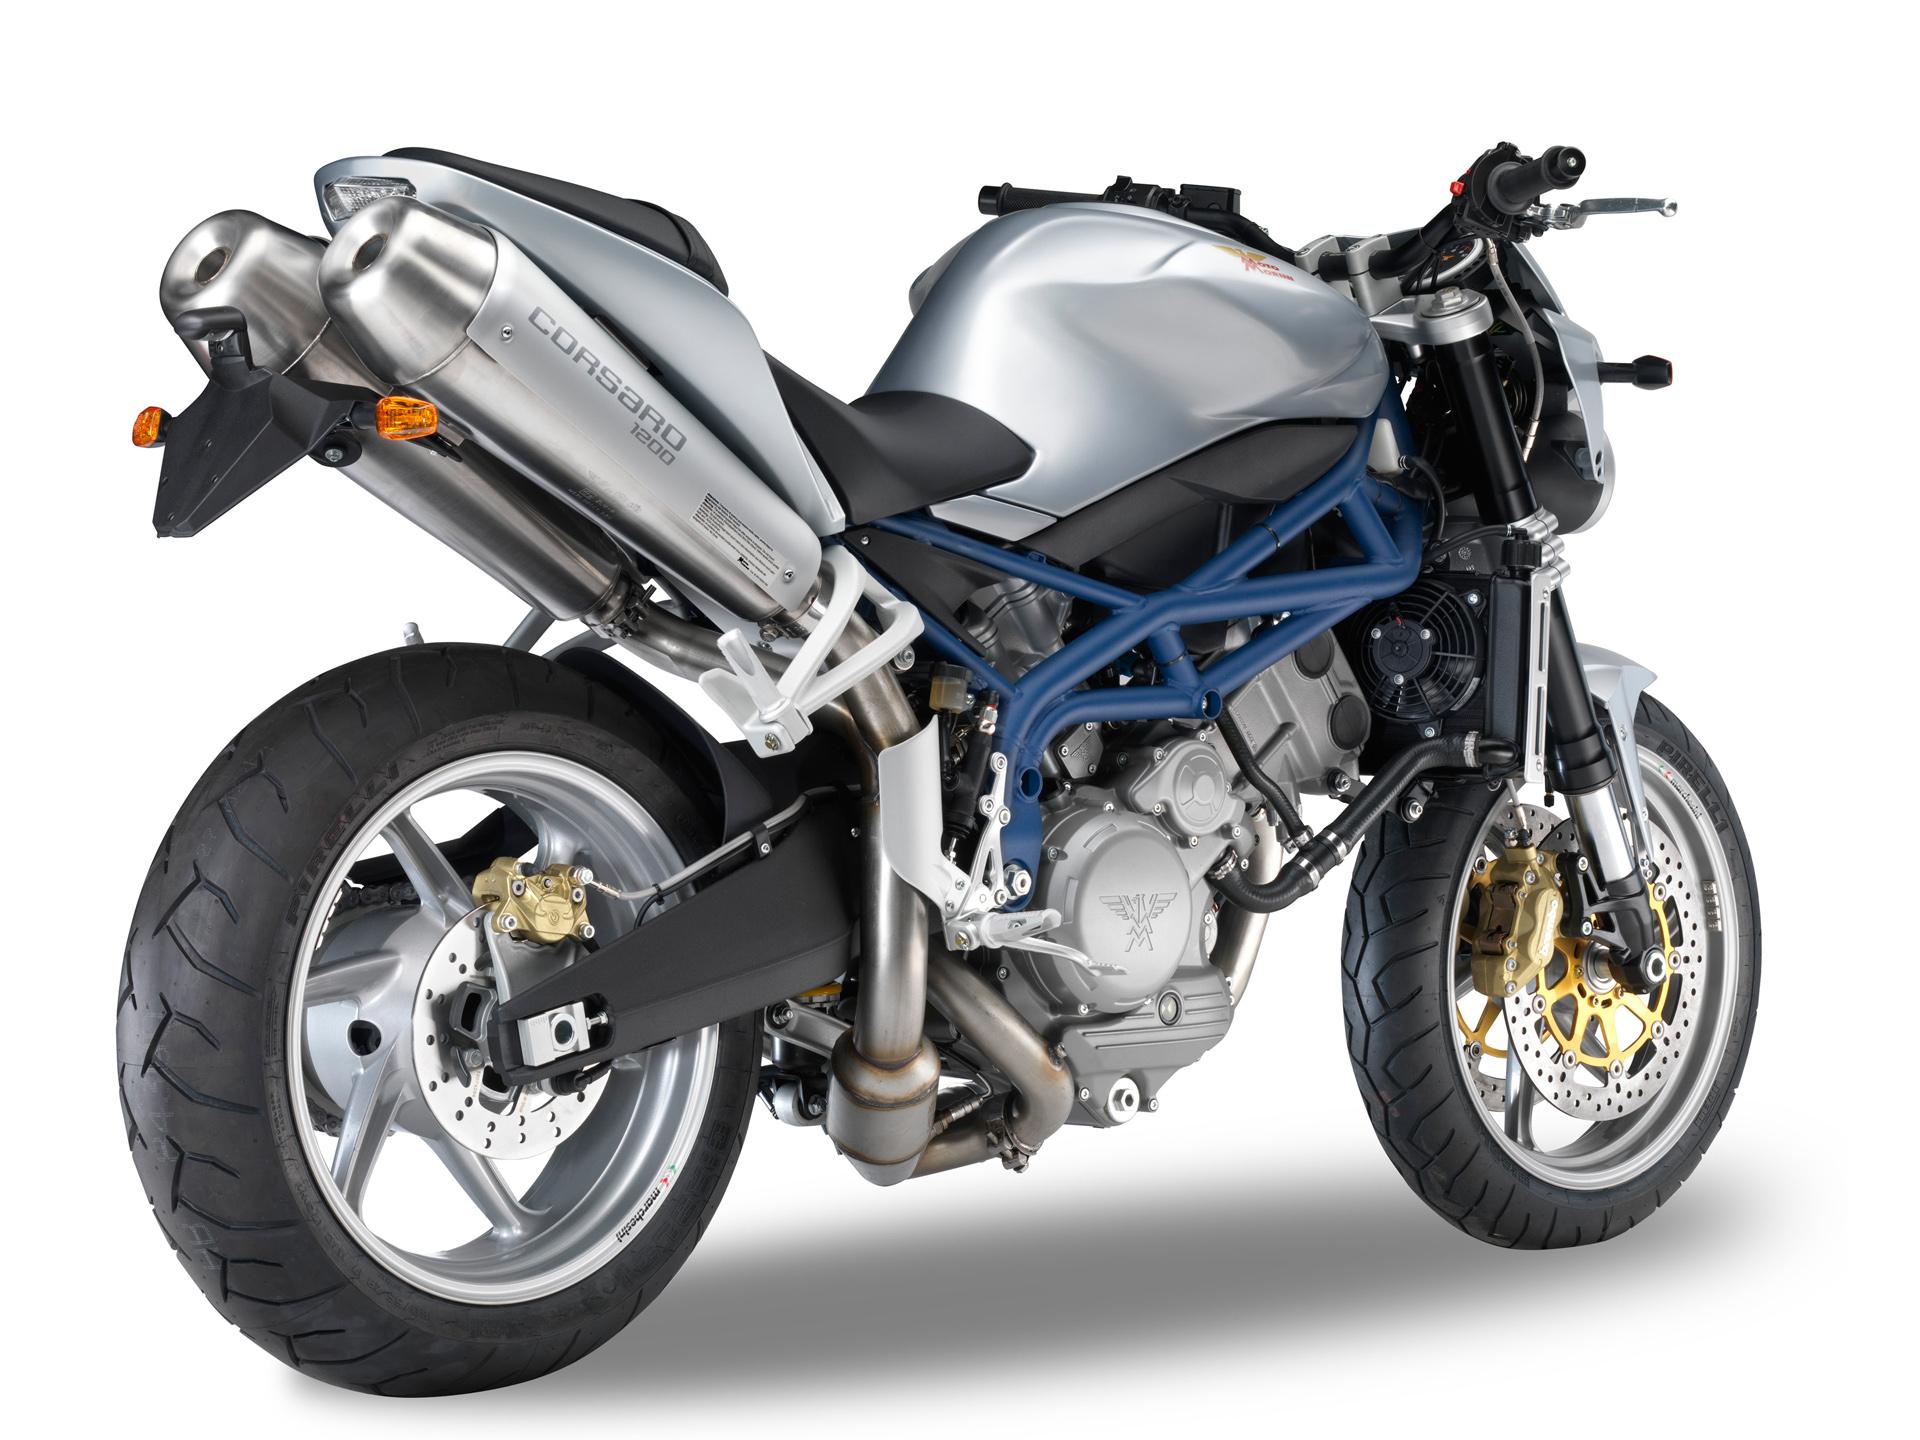 moto morini corsaro 1200 picture 66460 moto morini photo gallery. Black Bedroom Furniture Sets. Home Design Ideas